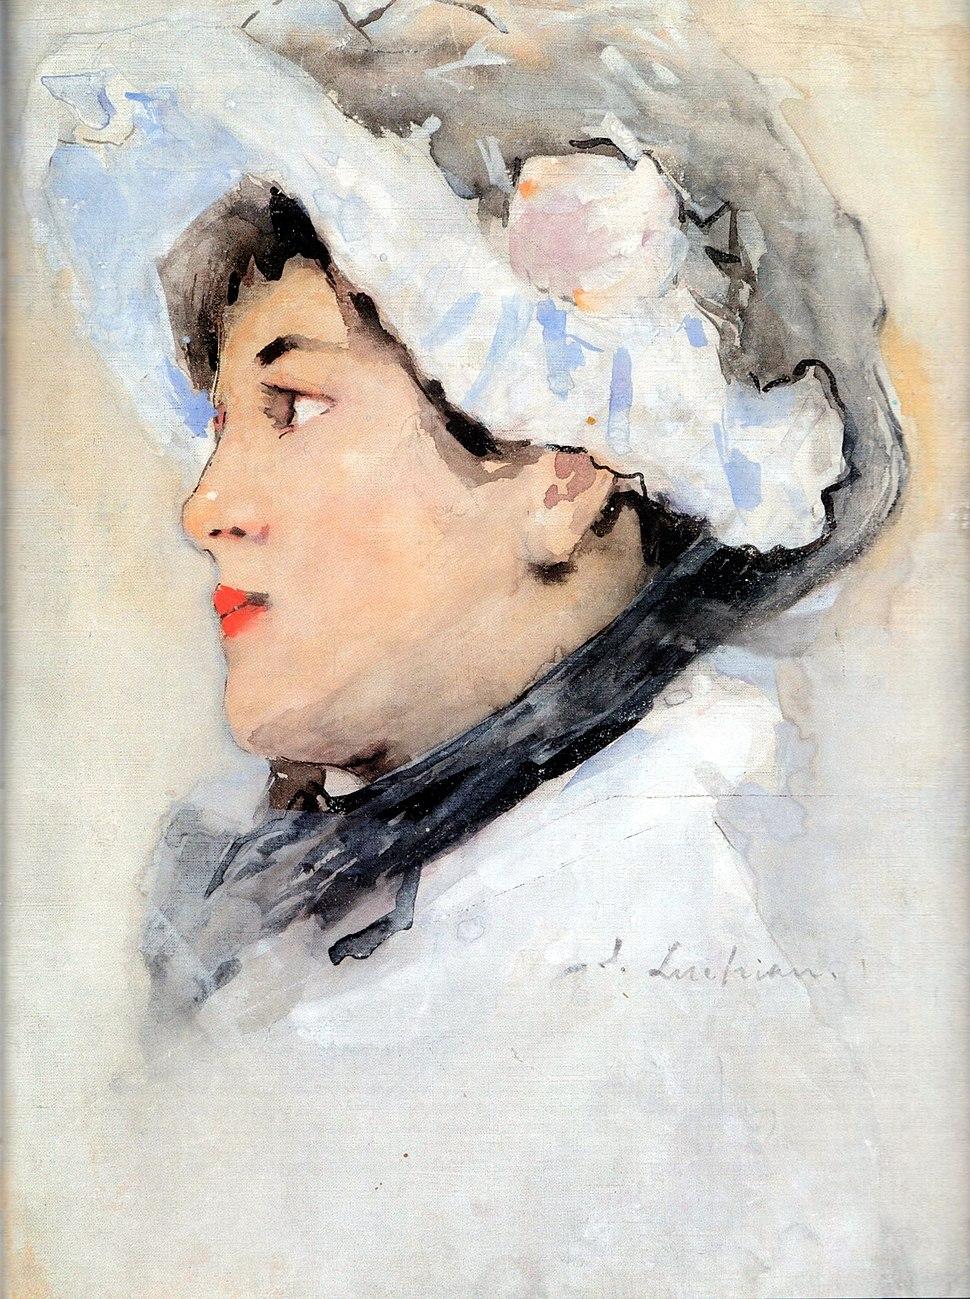 Stefan Luchian portrait of a woman